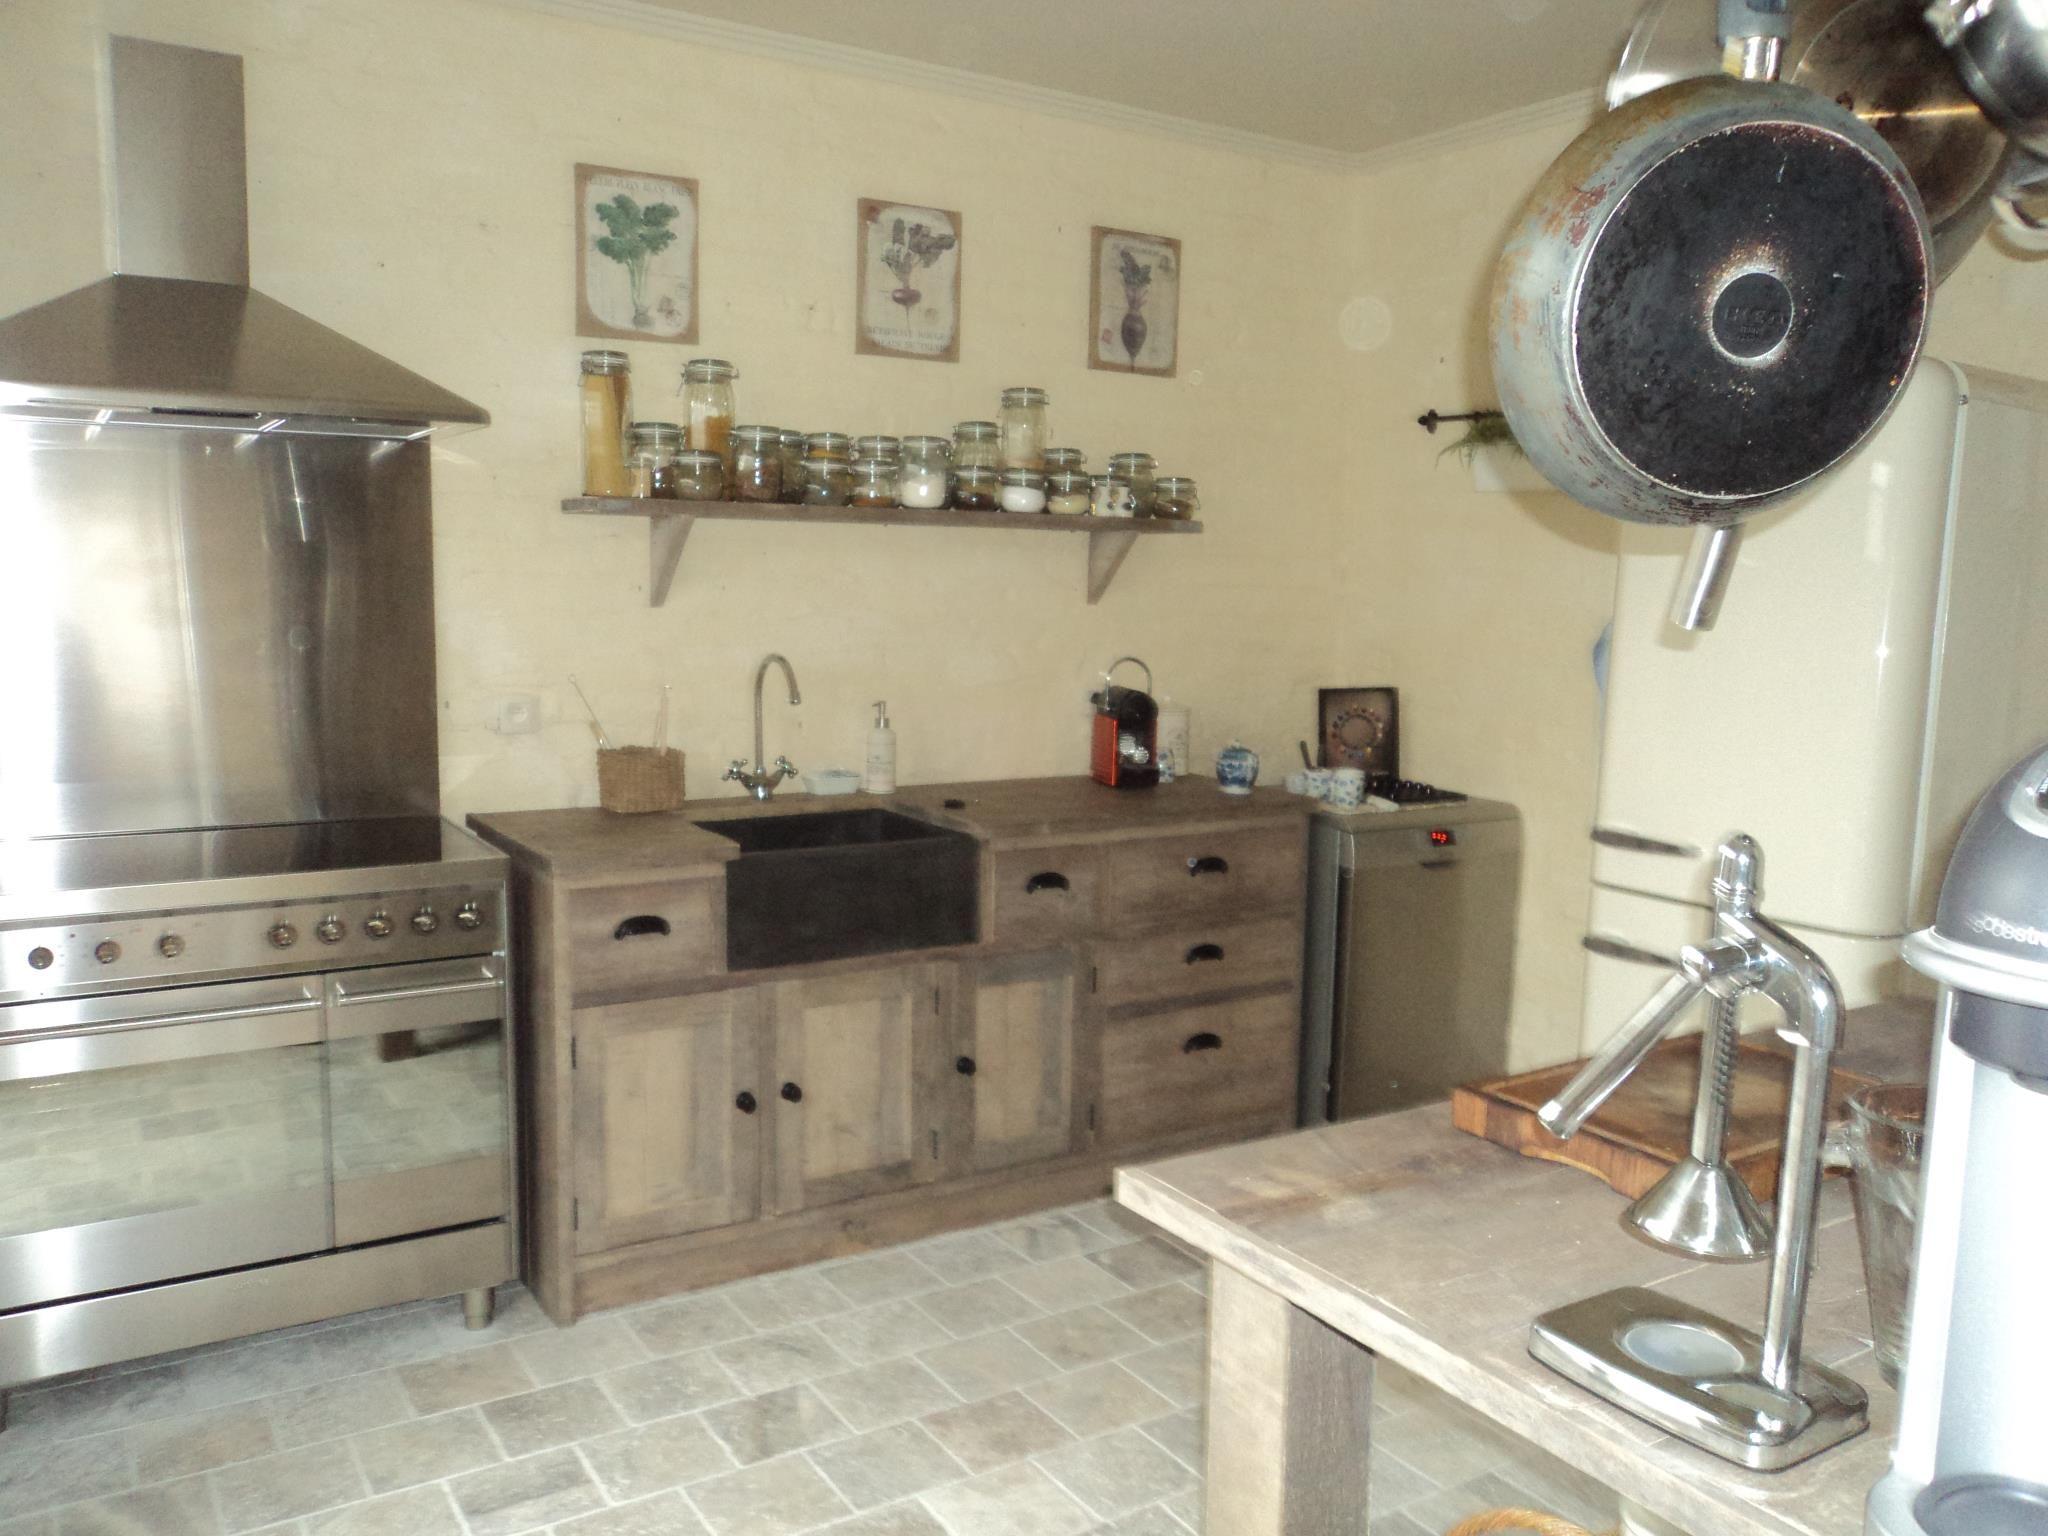 Keuken blok in oud steigerhout made by www.anders leven.be ...